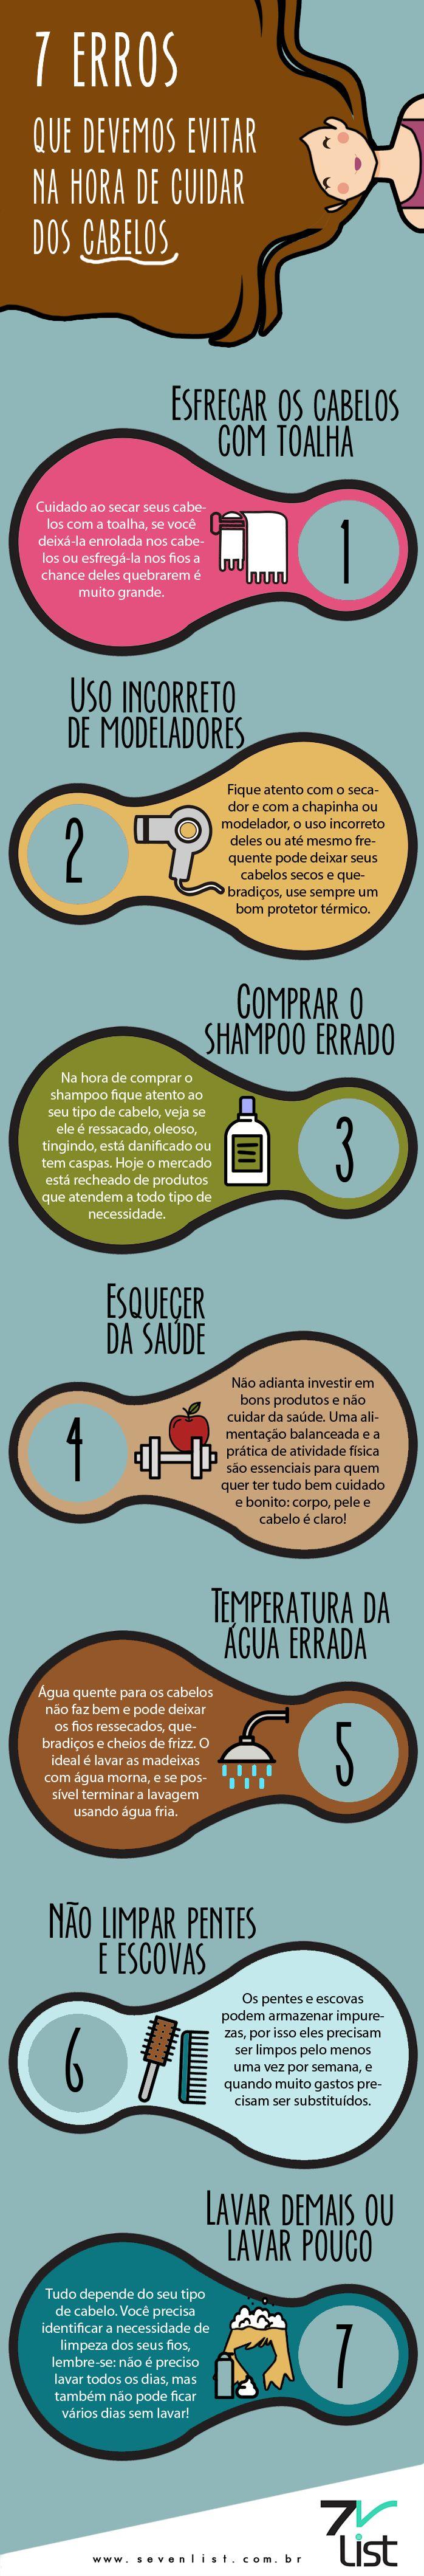 07 ERROS QUE NÃO PODEMOS COMETER COM O CUIDADO DE NOSSOS CABELOS| DICA DRICATURCA DELUXE BRANDS. FONTE : www.sevenlist.com.br                                                                                                                                                     Mais